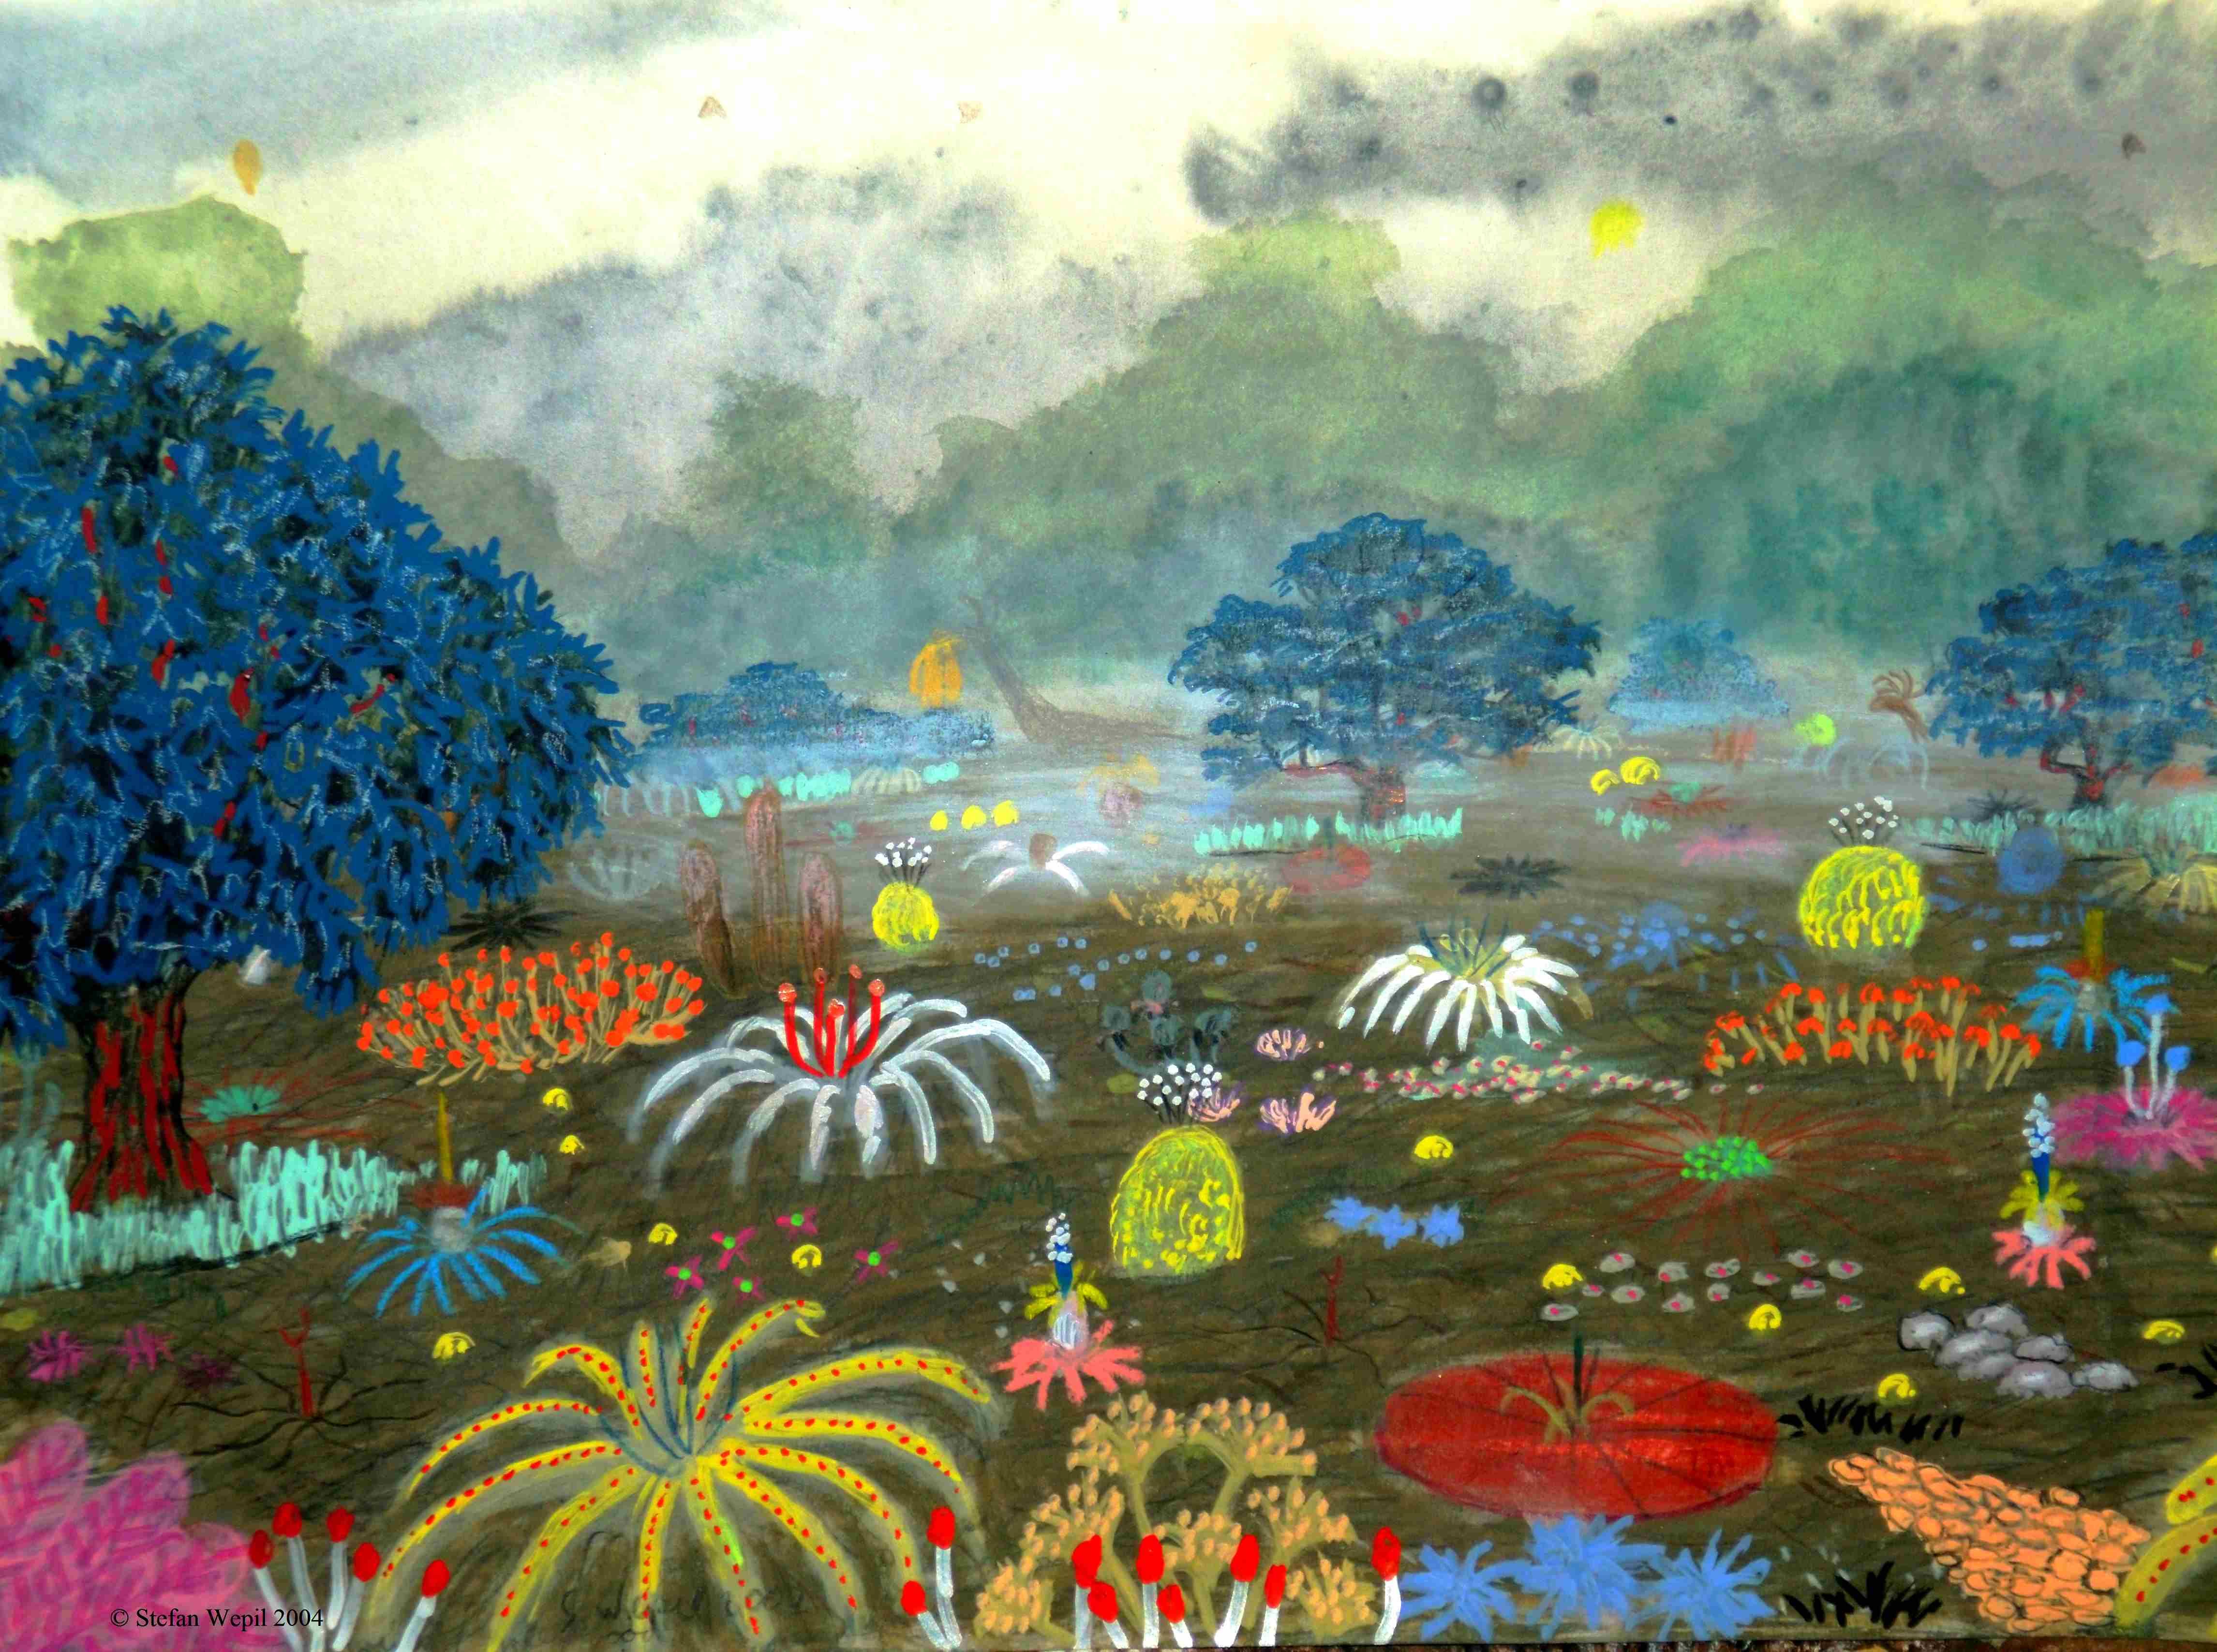 Sumpflandschaft von Perlis (C) Stefan Wepil